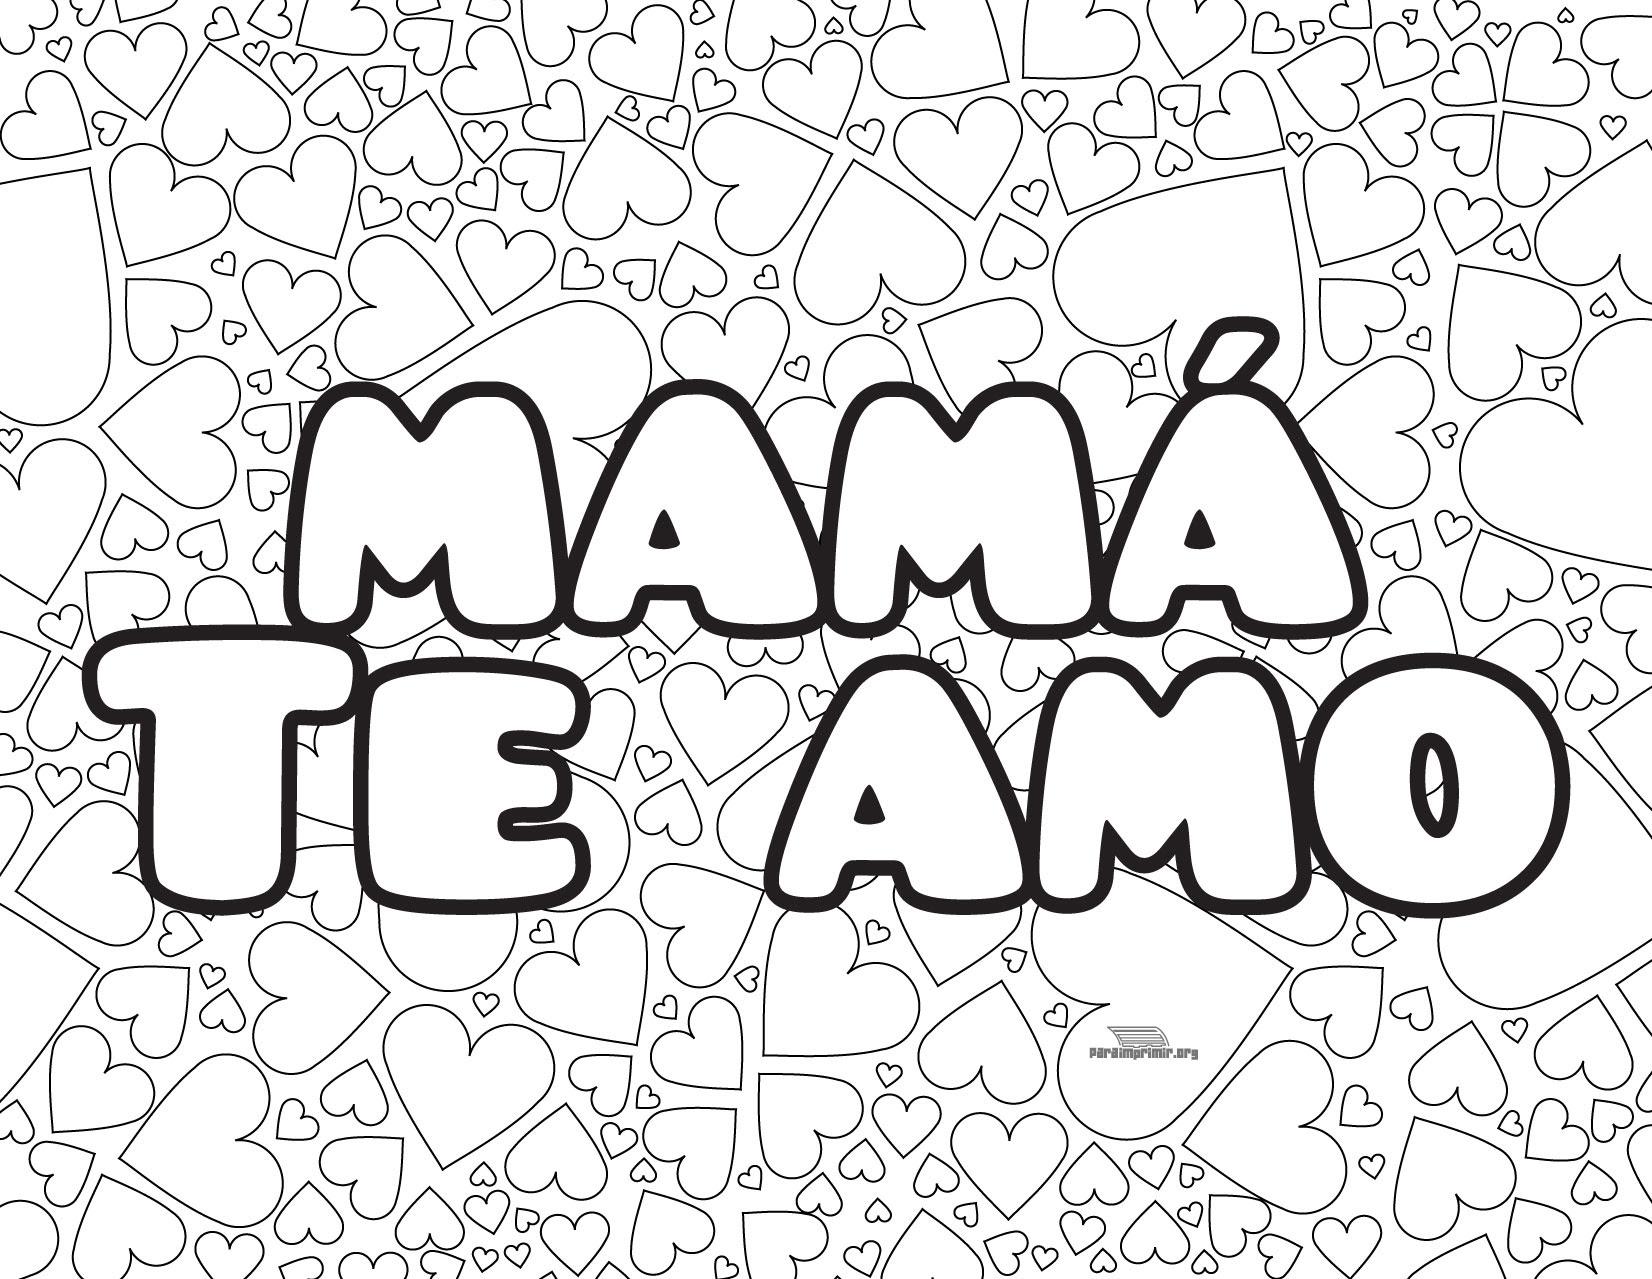 IMÁGENES DE CUMPLEAÑOS NUEVAS PARA MAMÁ PARA COLOREAR - IMÁGENES DE ...